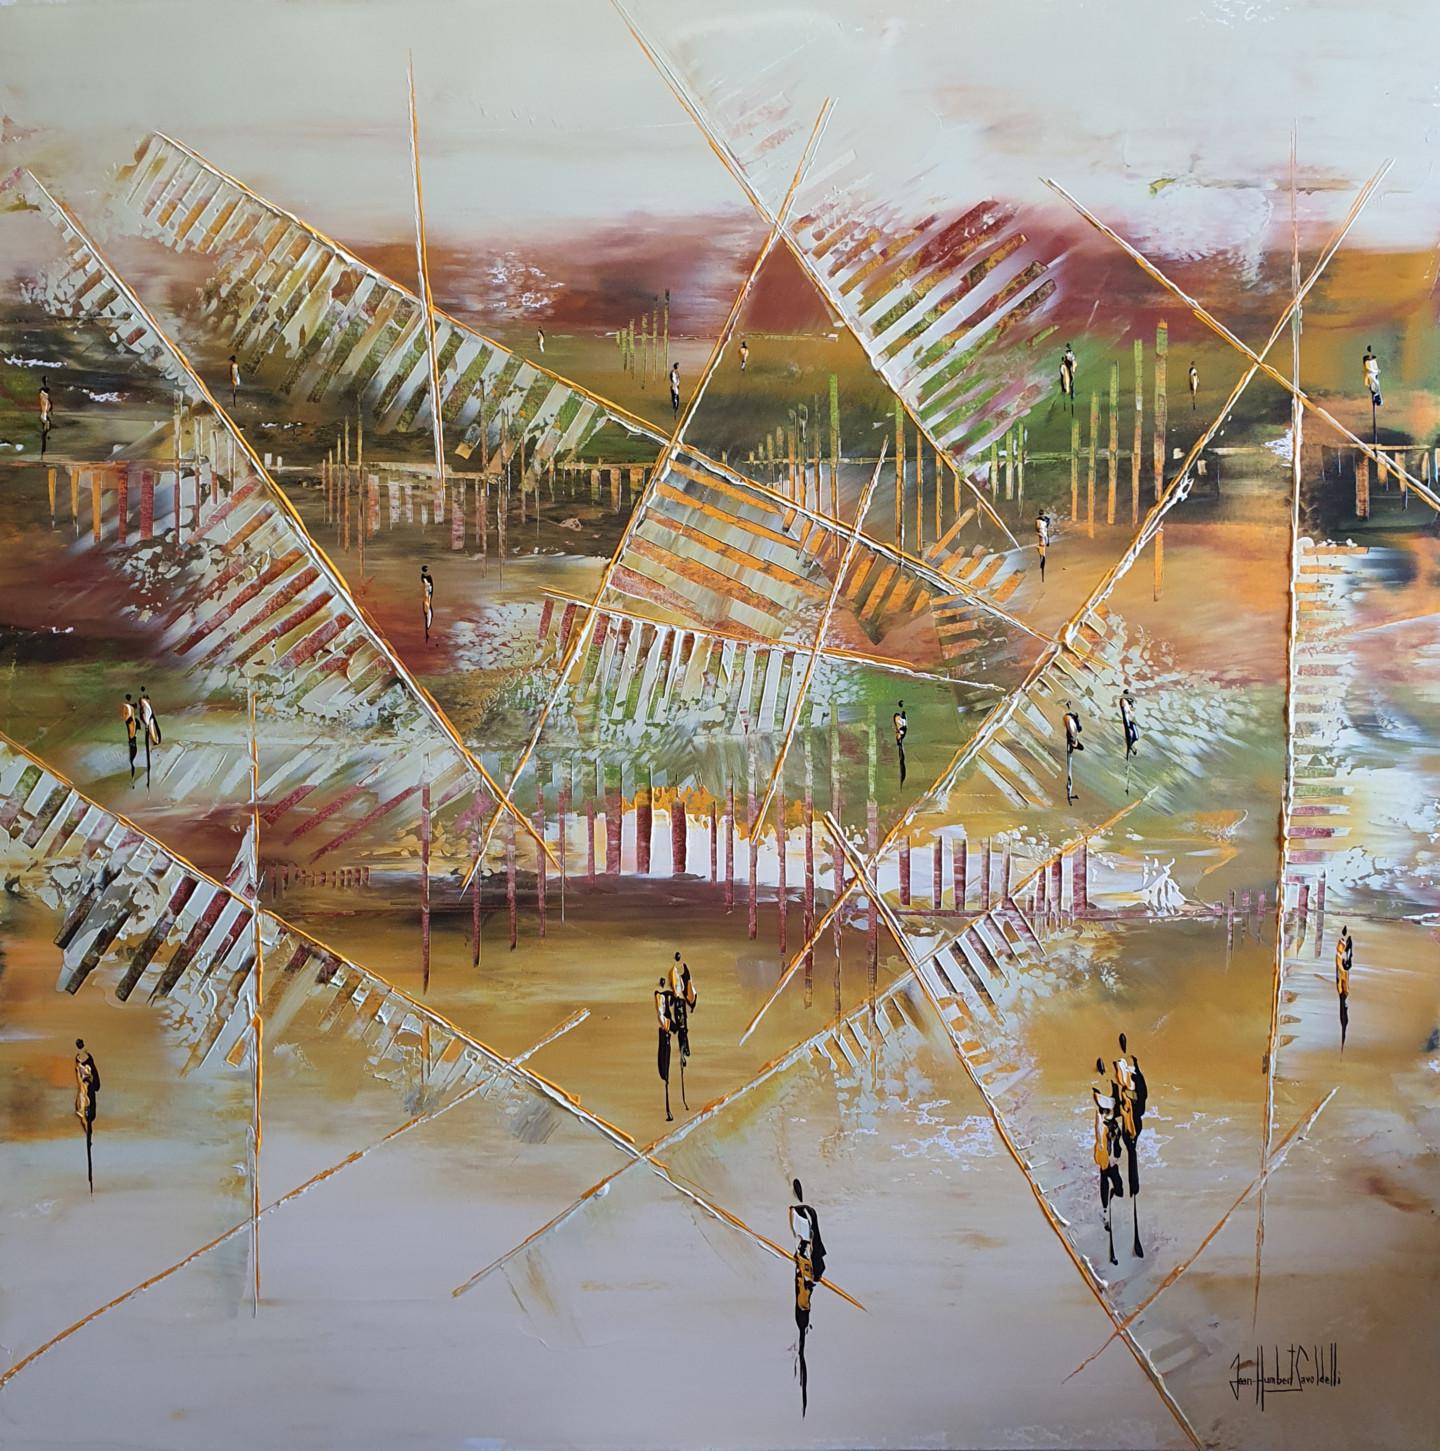 Jean-Humbert Savoldelli - WINDMILLS (les moulins)